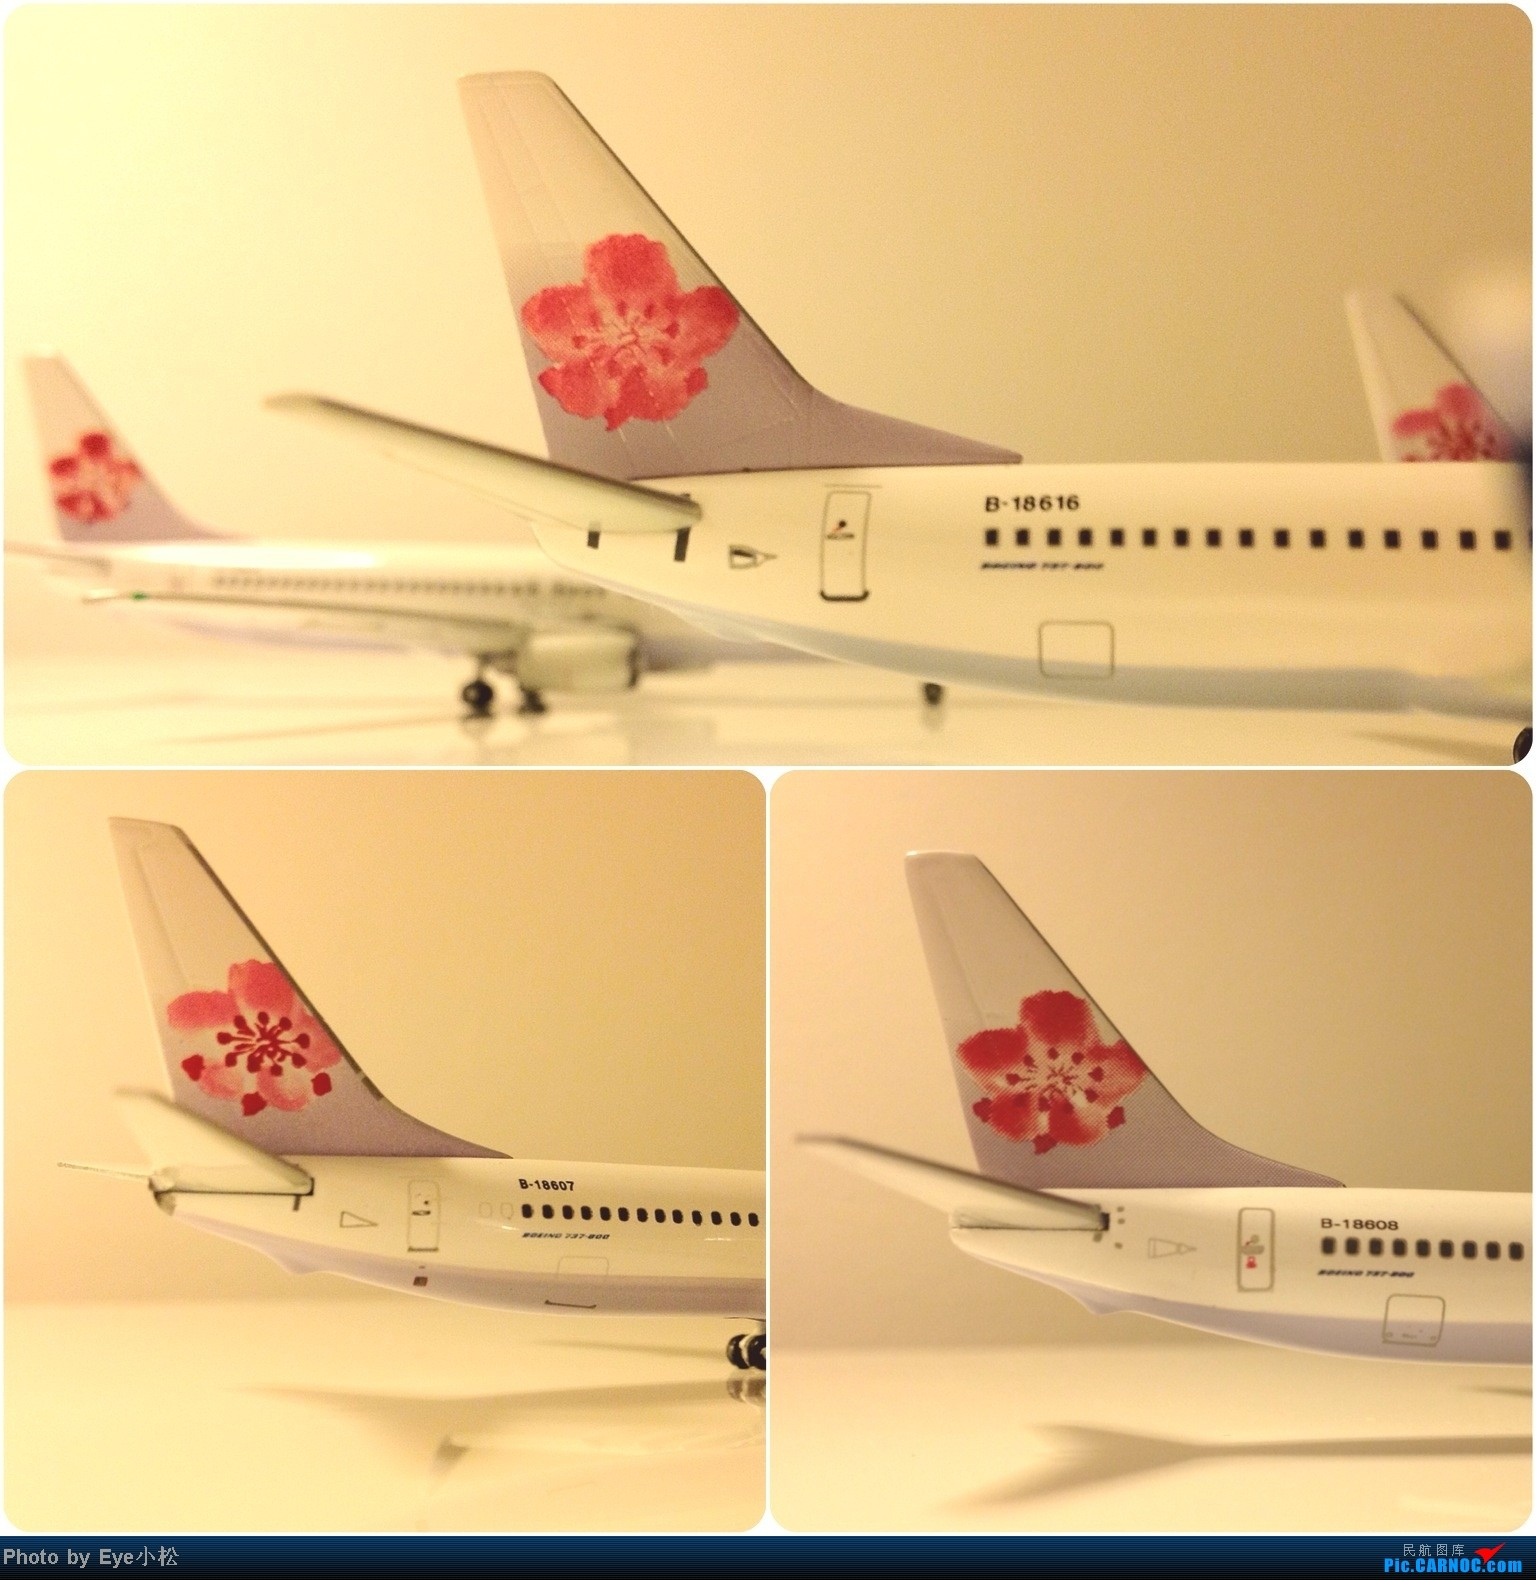 Re:[原创]穿越五十年——我的華航系列收藏 機隊模型及史料 12月陸續新增17架新機